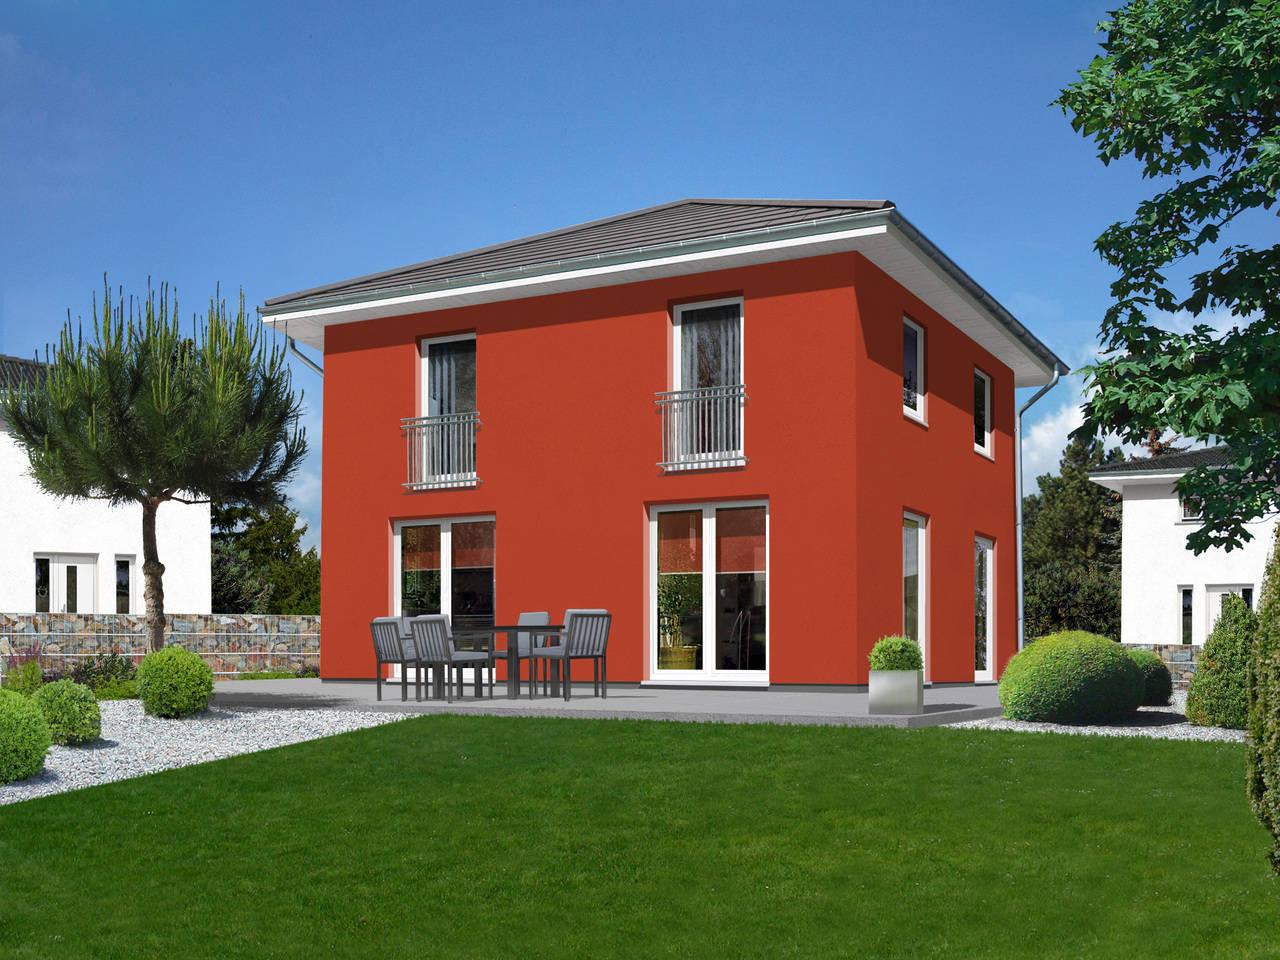 Stadthaus Flair A3 von ZuHause Bau GmbH - Town & Country